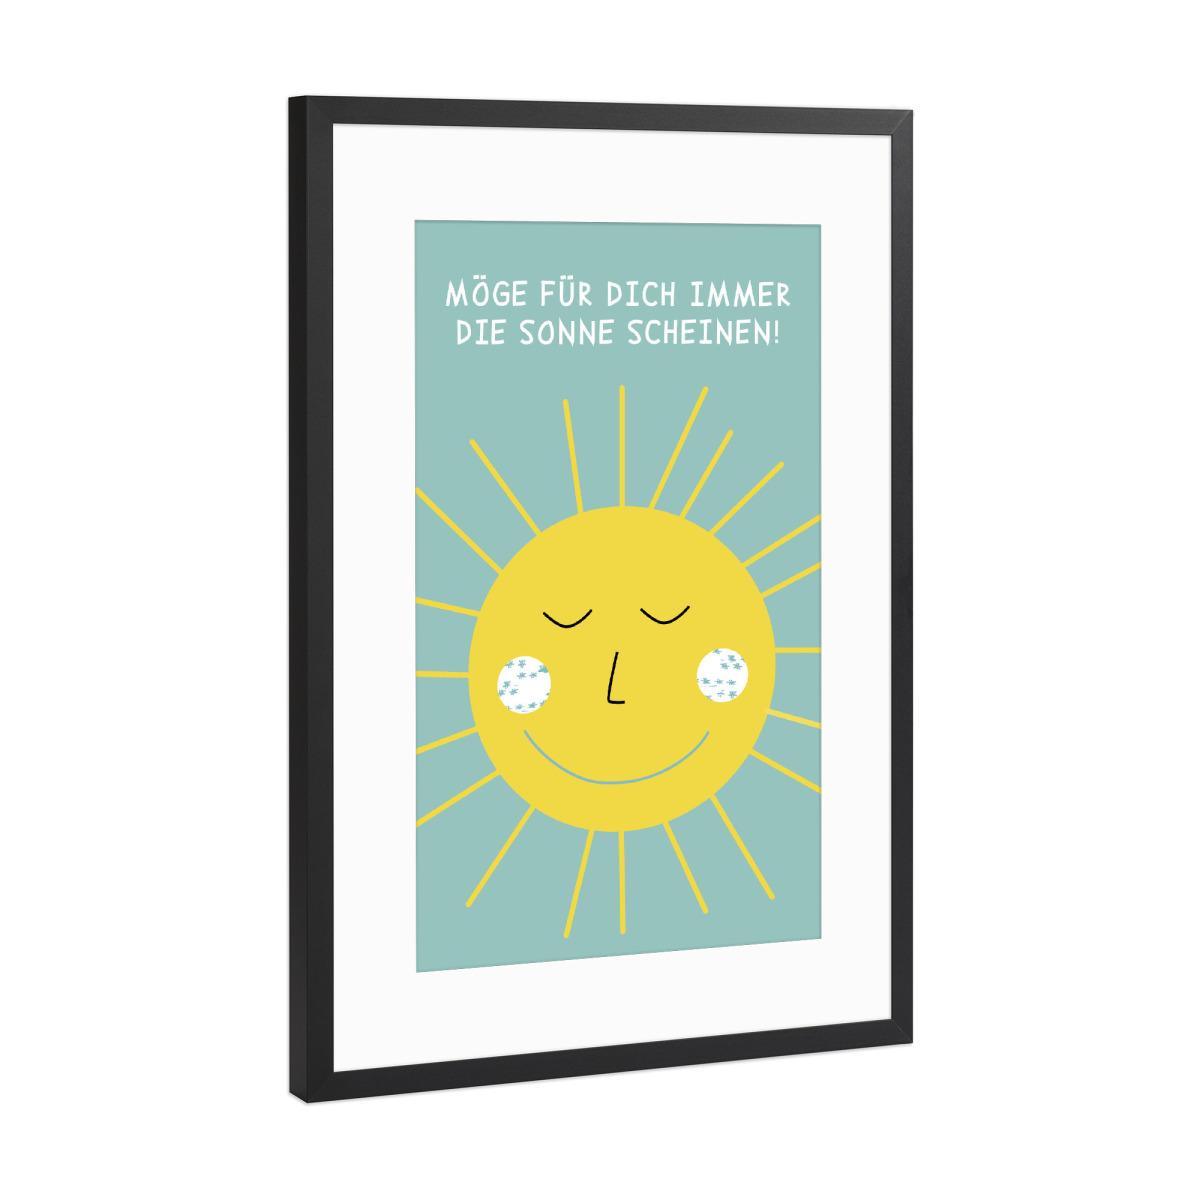 Sonne als Gerahmt bei artboxONE kaufen